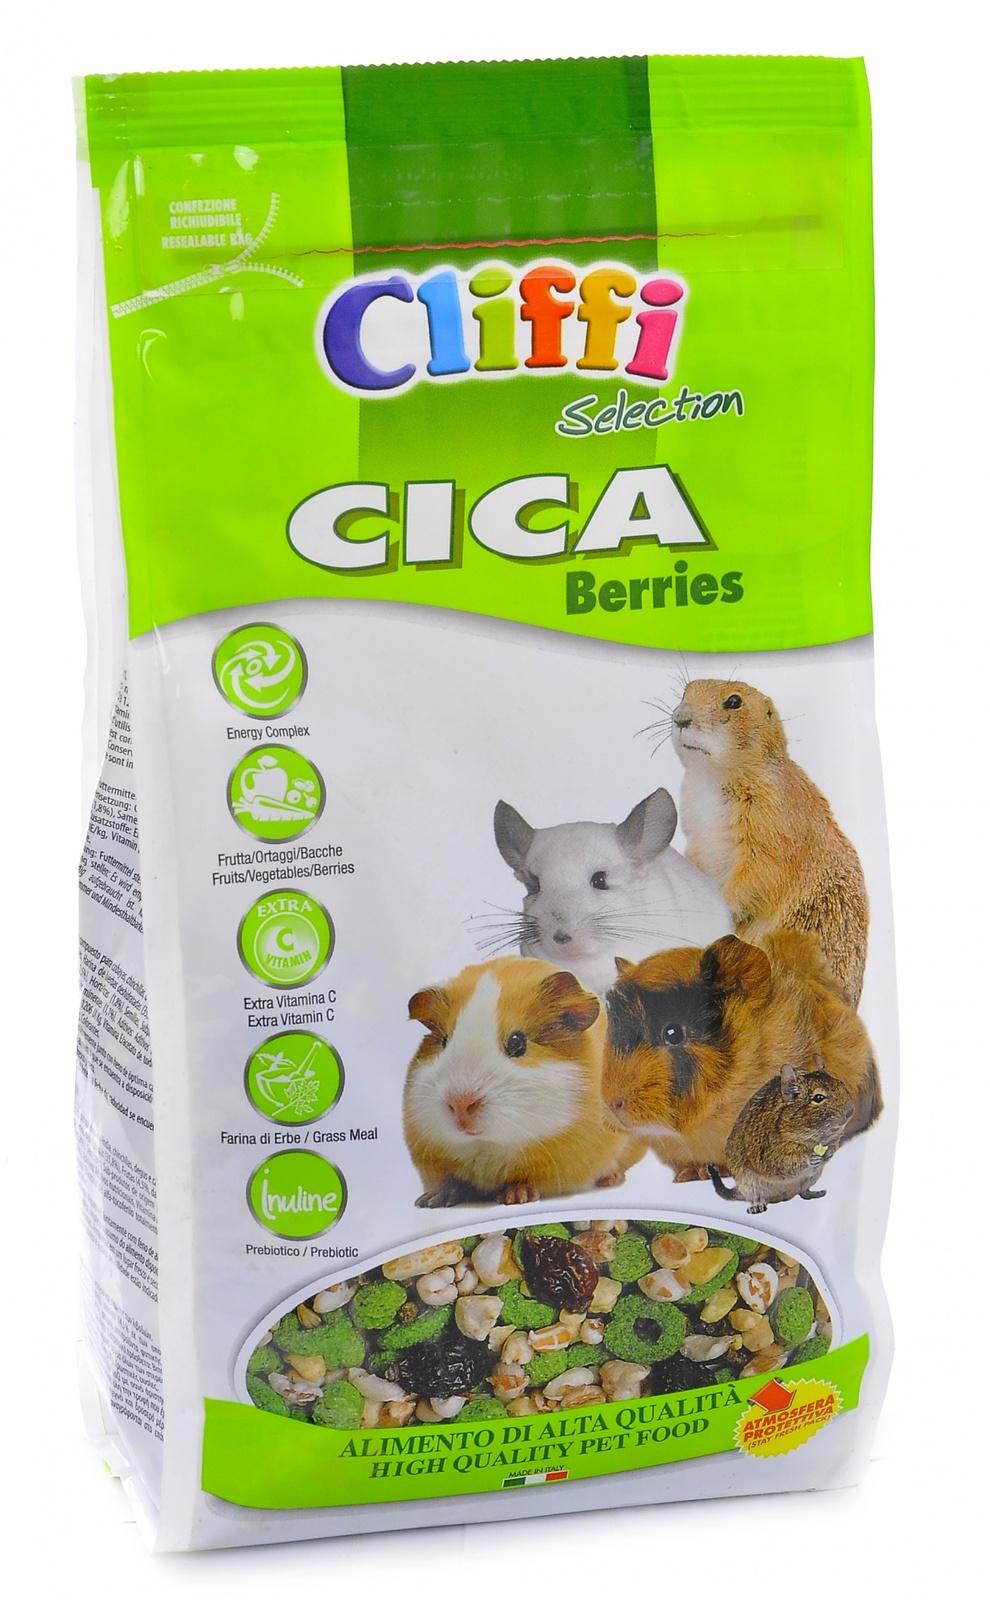 Клиффи Корм Cica berr ies для морских свинок, шиншилл, дегу и луговых собачек, серия SELECTION, 800 г, Cliffi